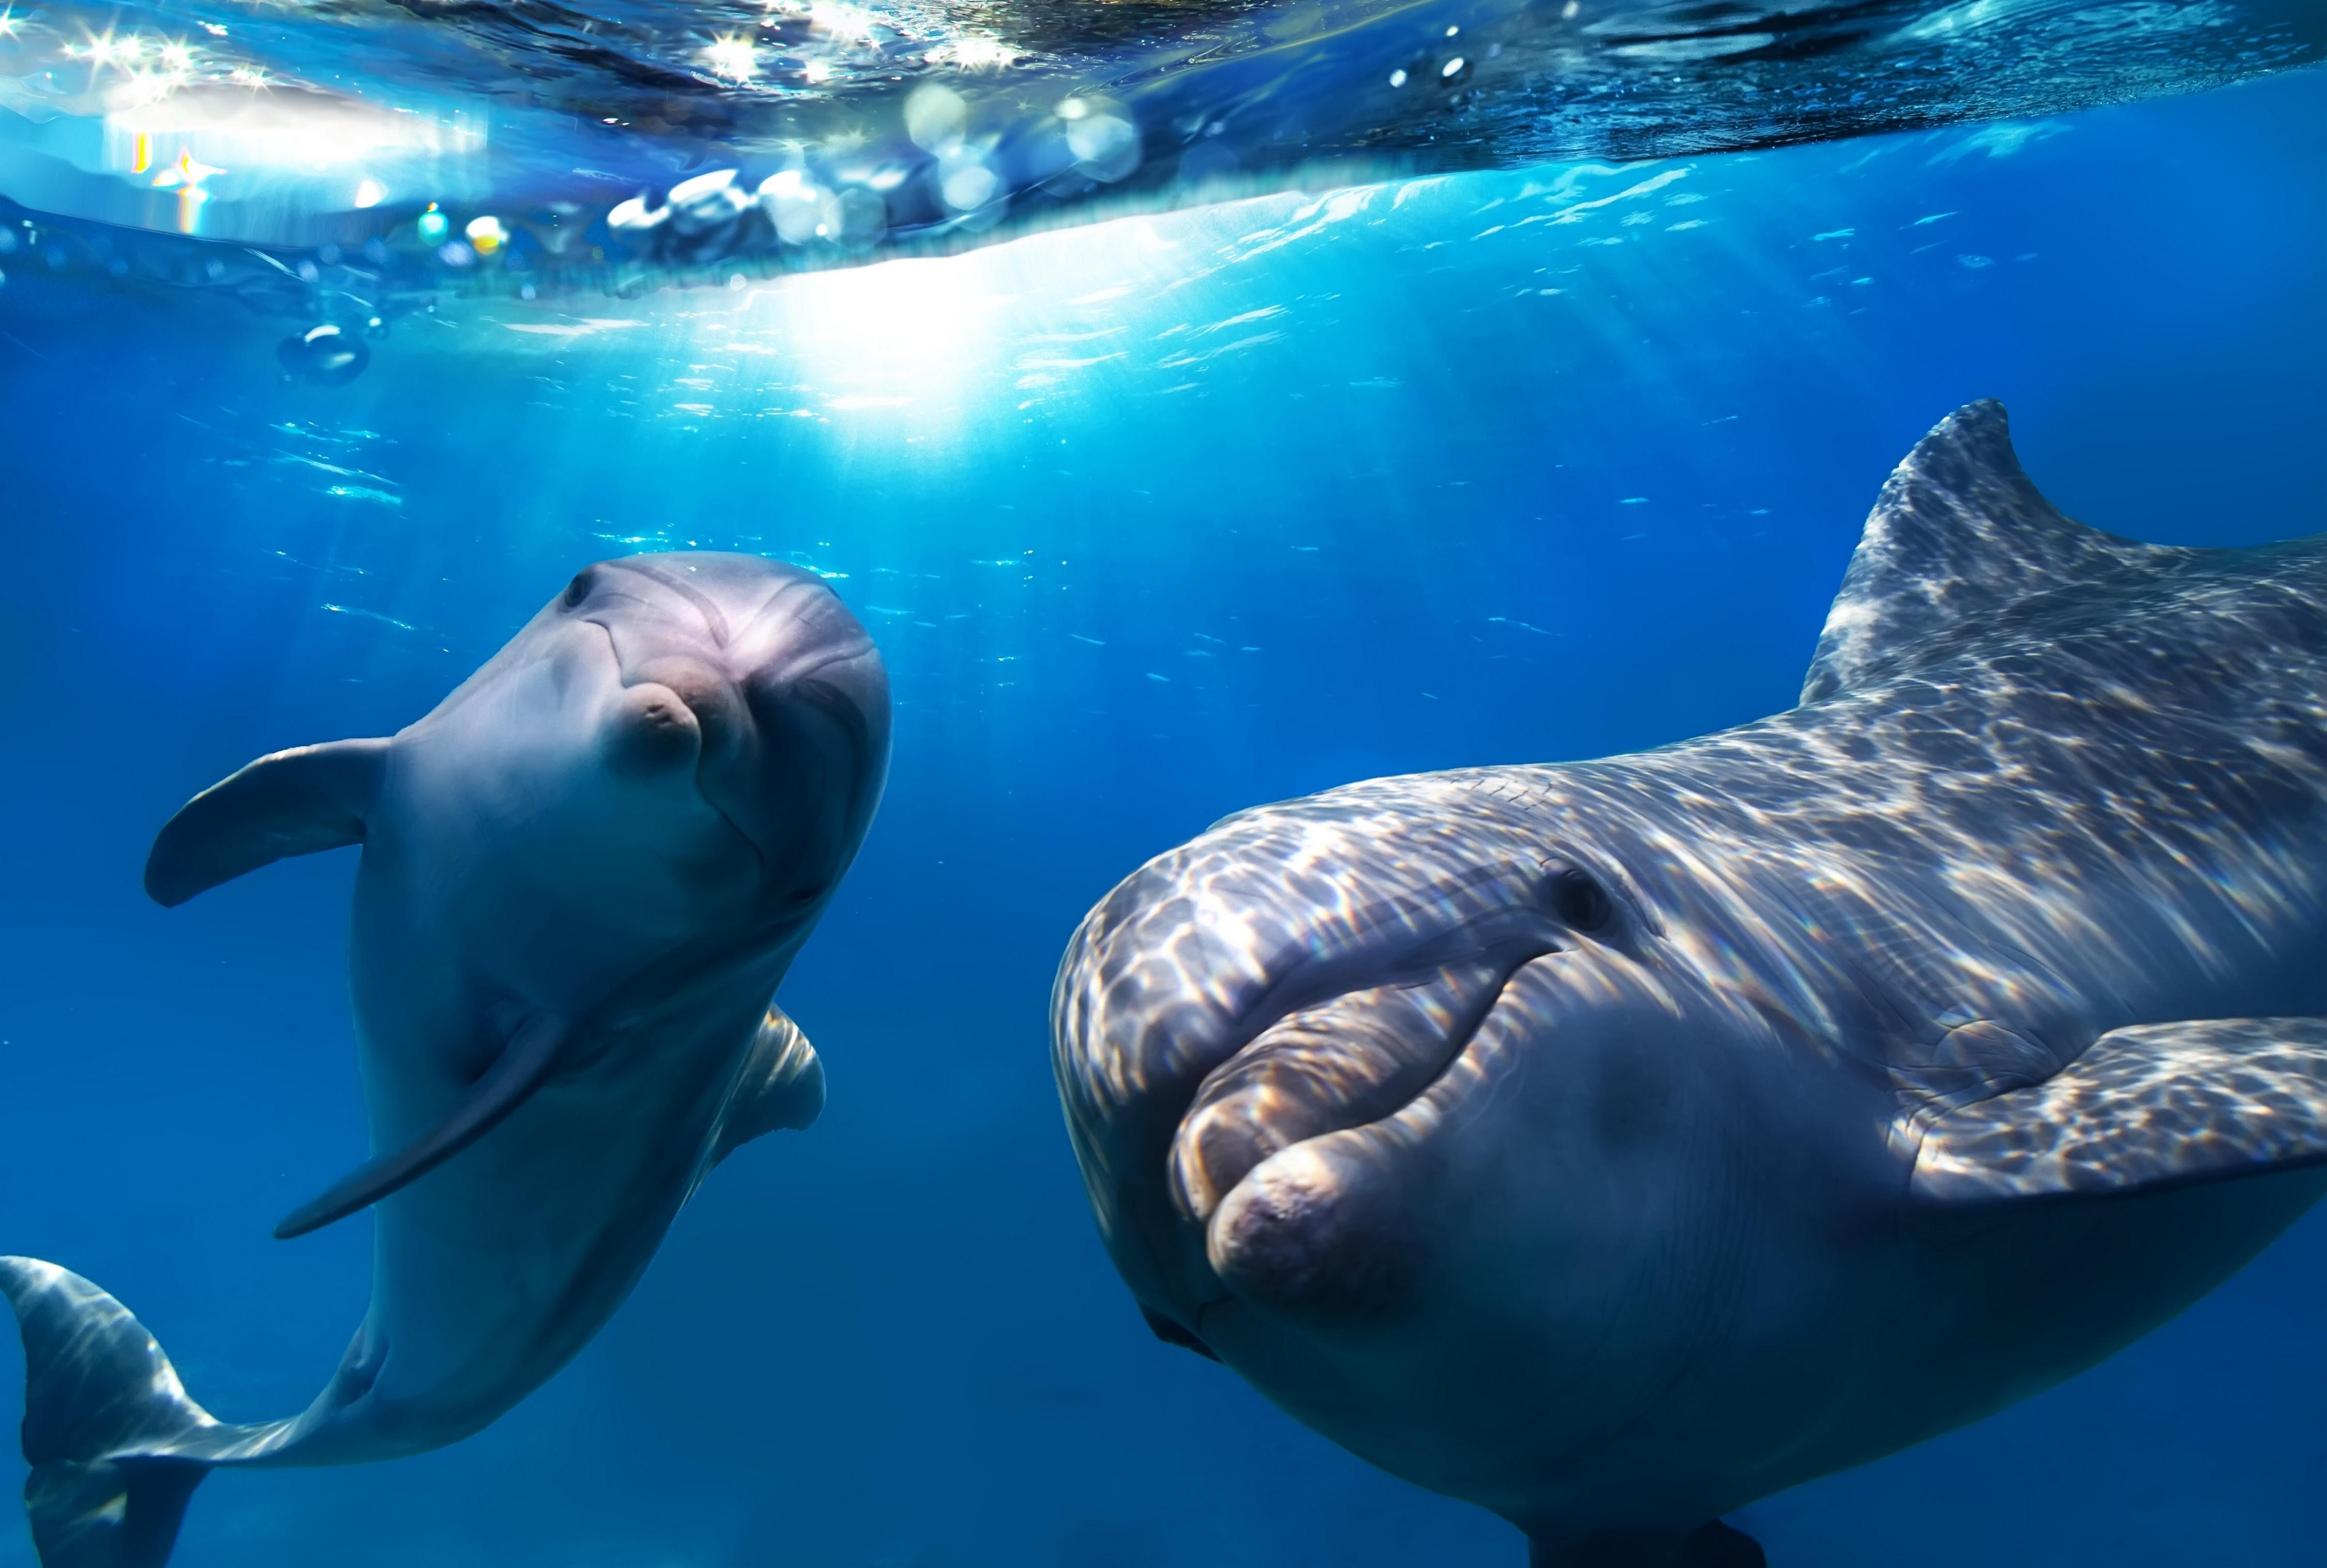 дельфины в море картинки на рабочий стол